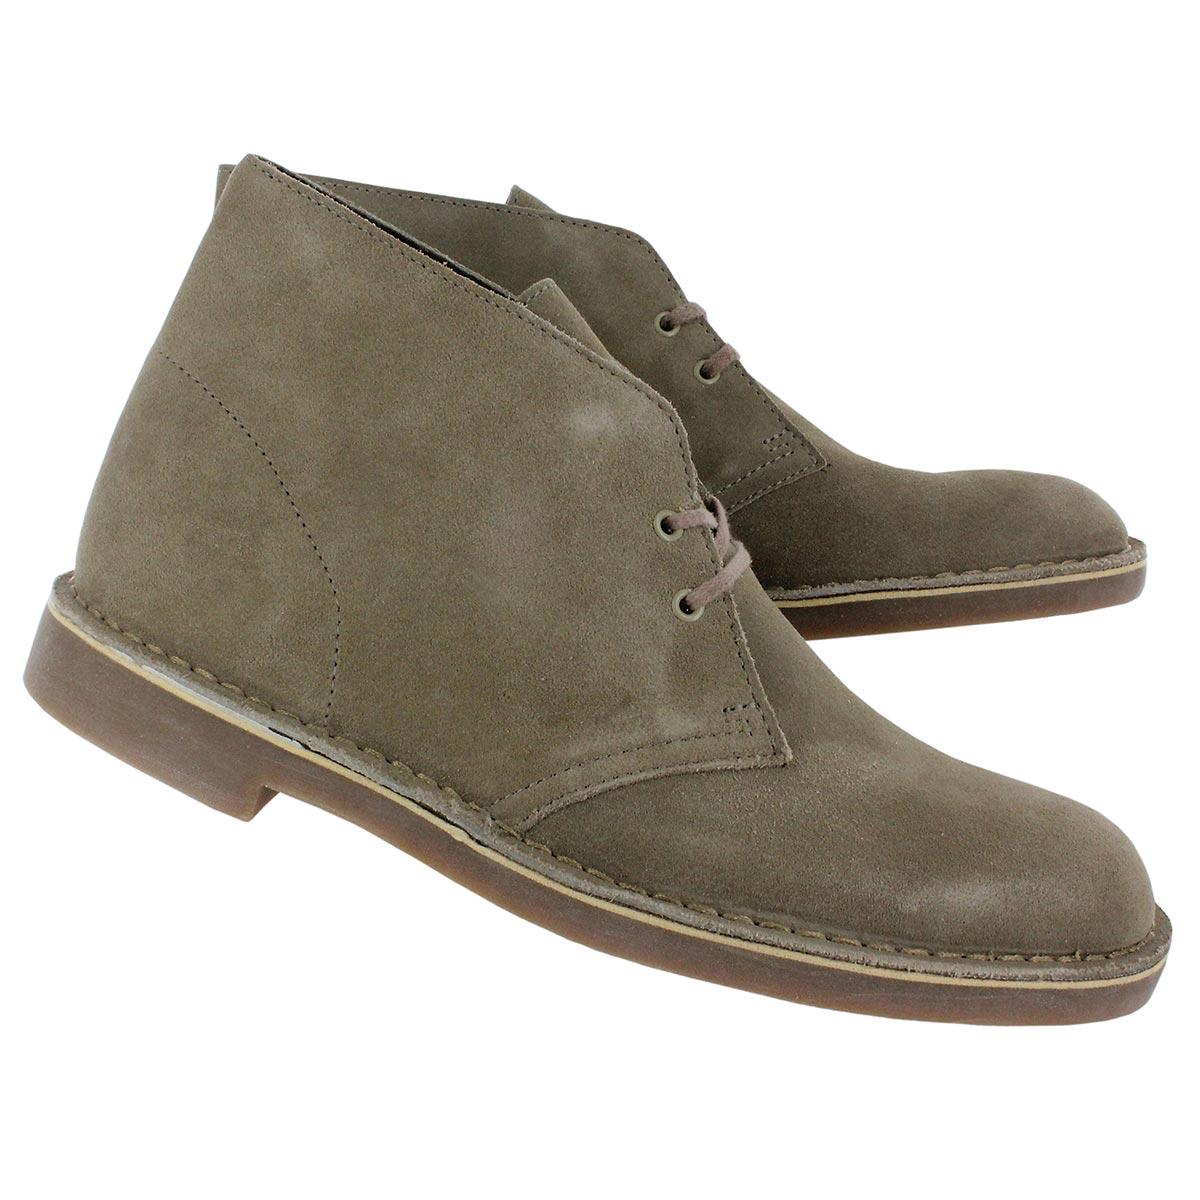 Mns Bushacre sand suede desert boot